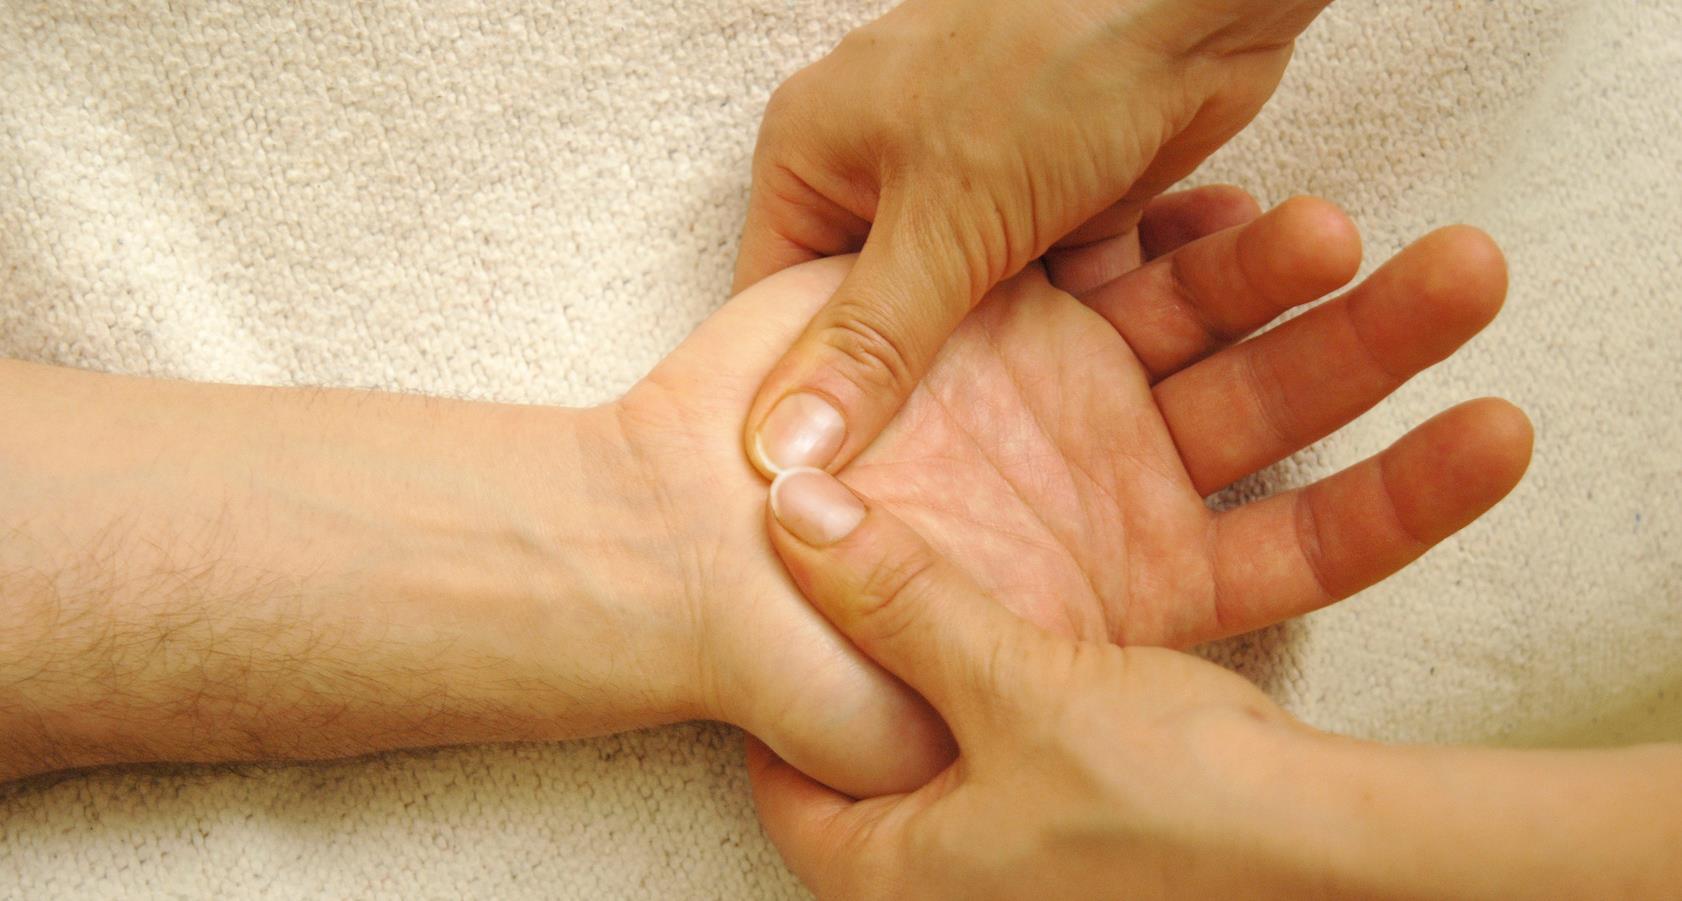 manuelle therapie fortbildung ärzte nrw